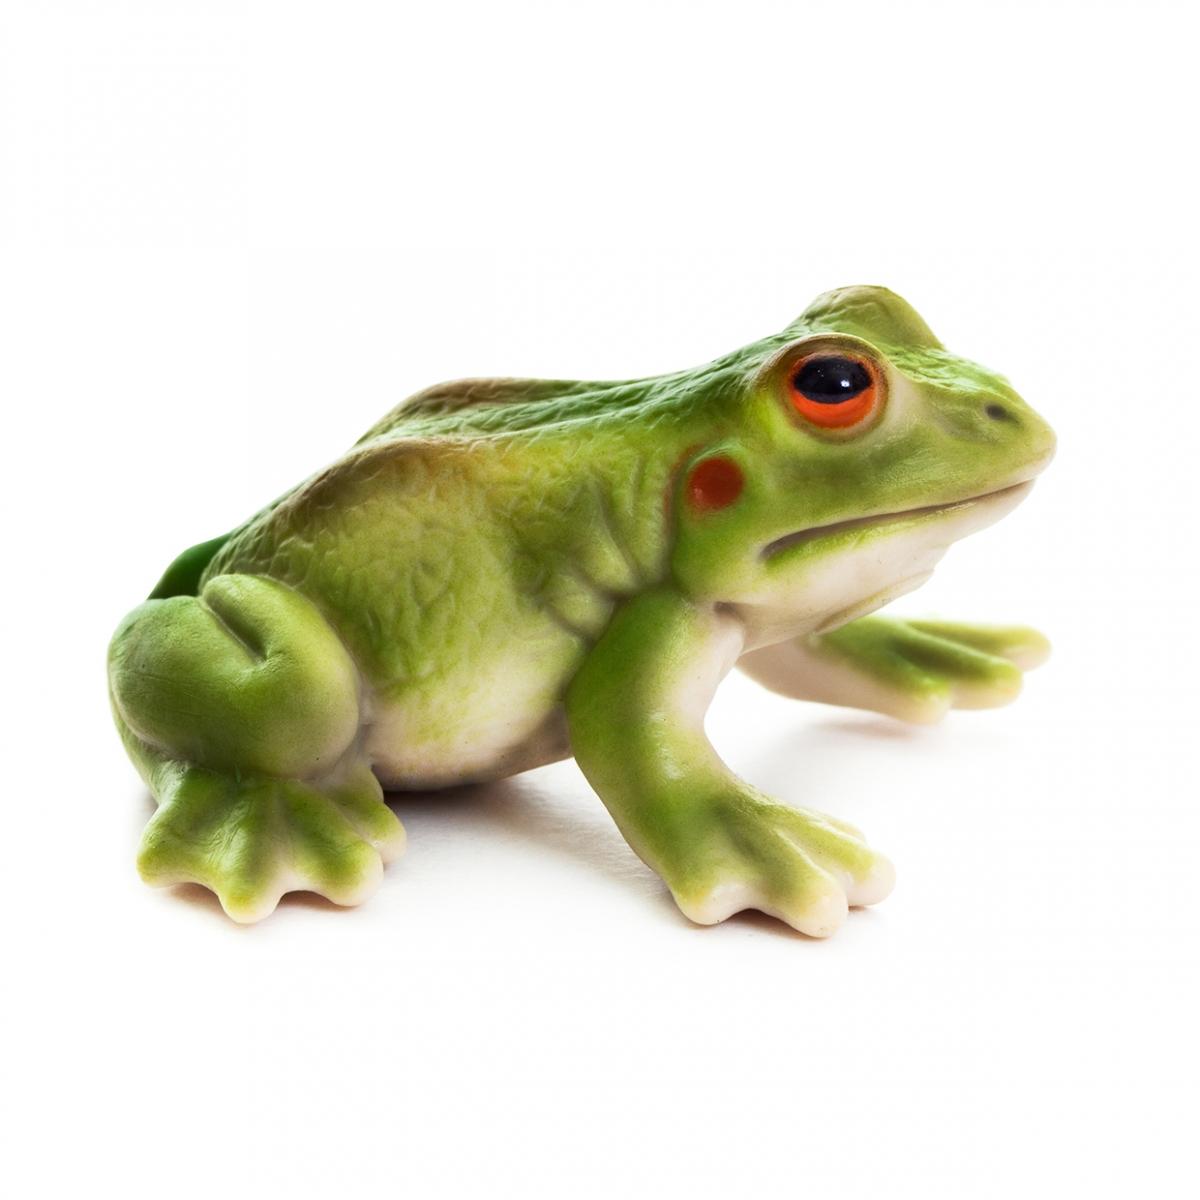 Imagen en la que se ve una rana verde en perspectiva lateral